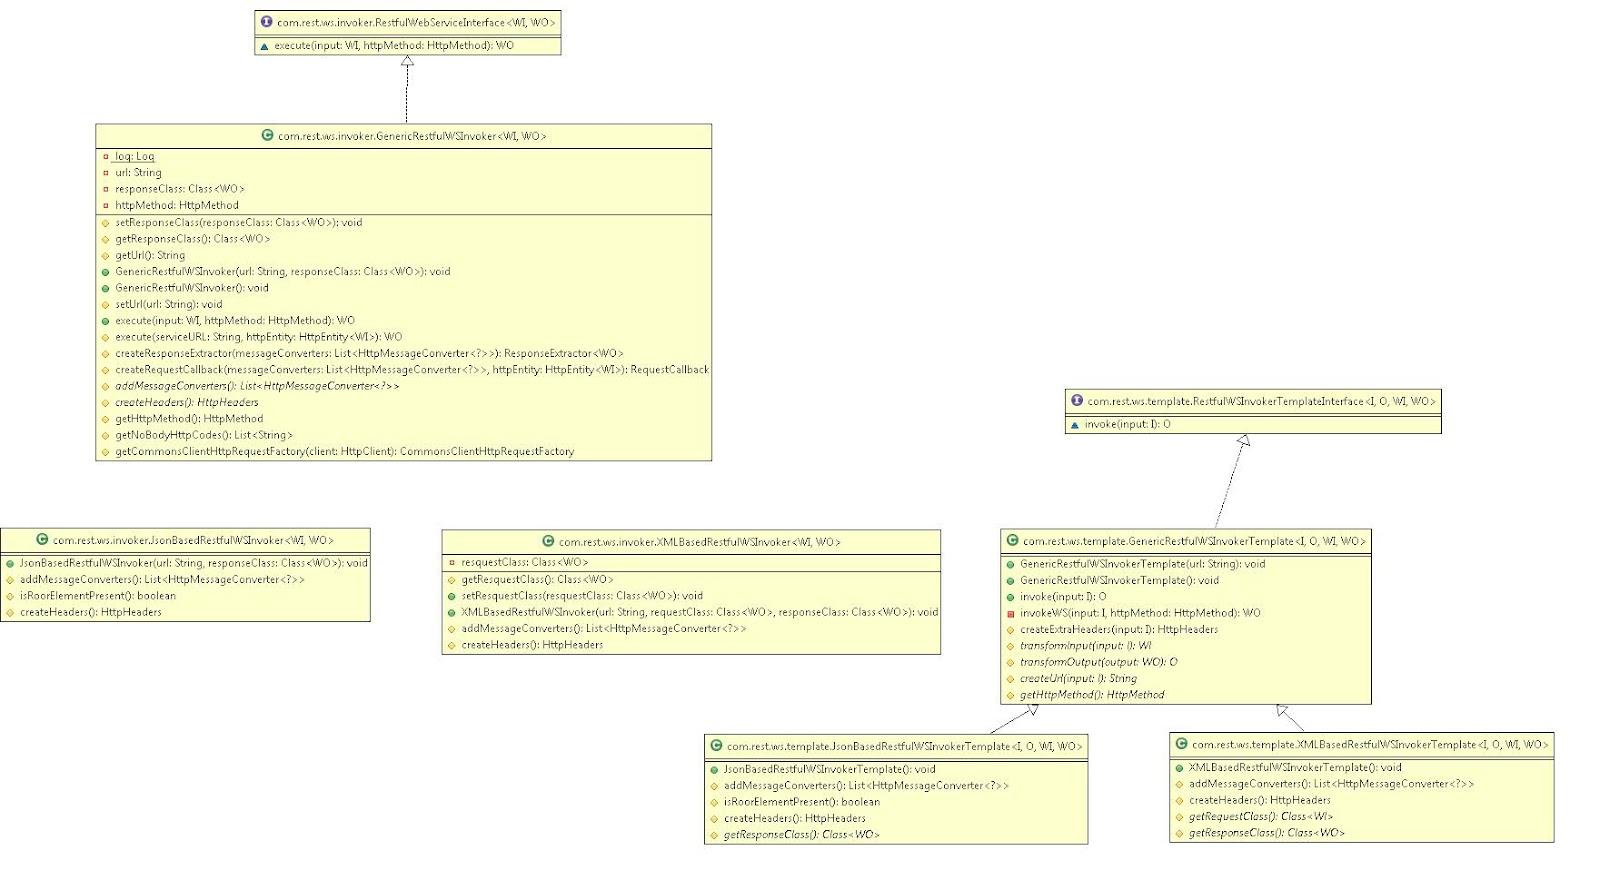 Dumbcoder Java Utility To Invoke Restful Web Services Using Spring